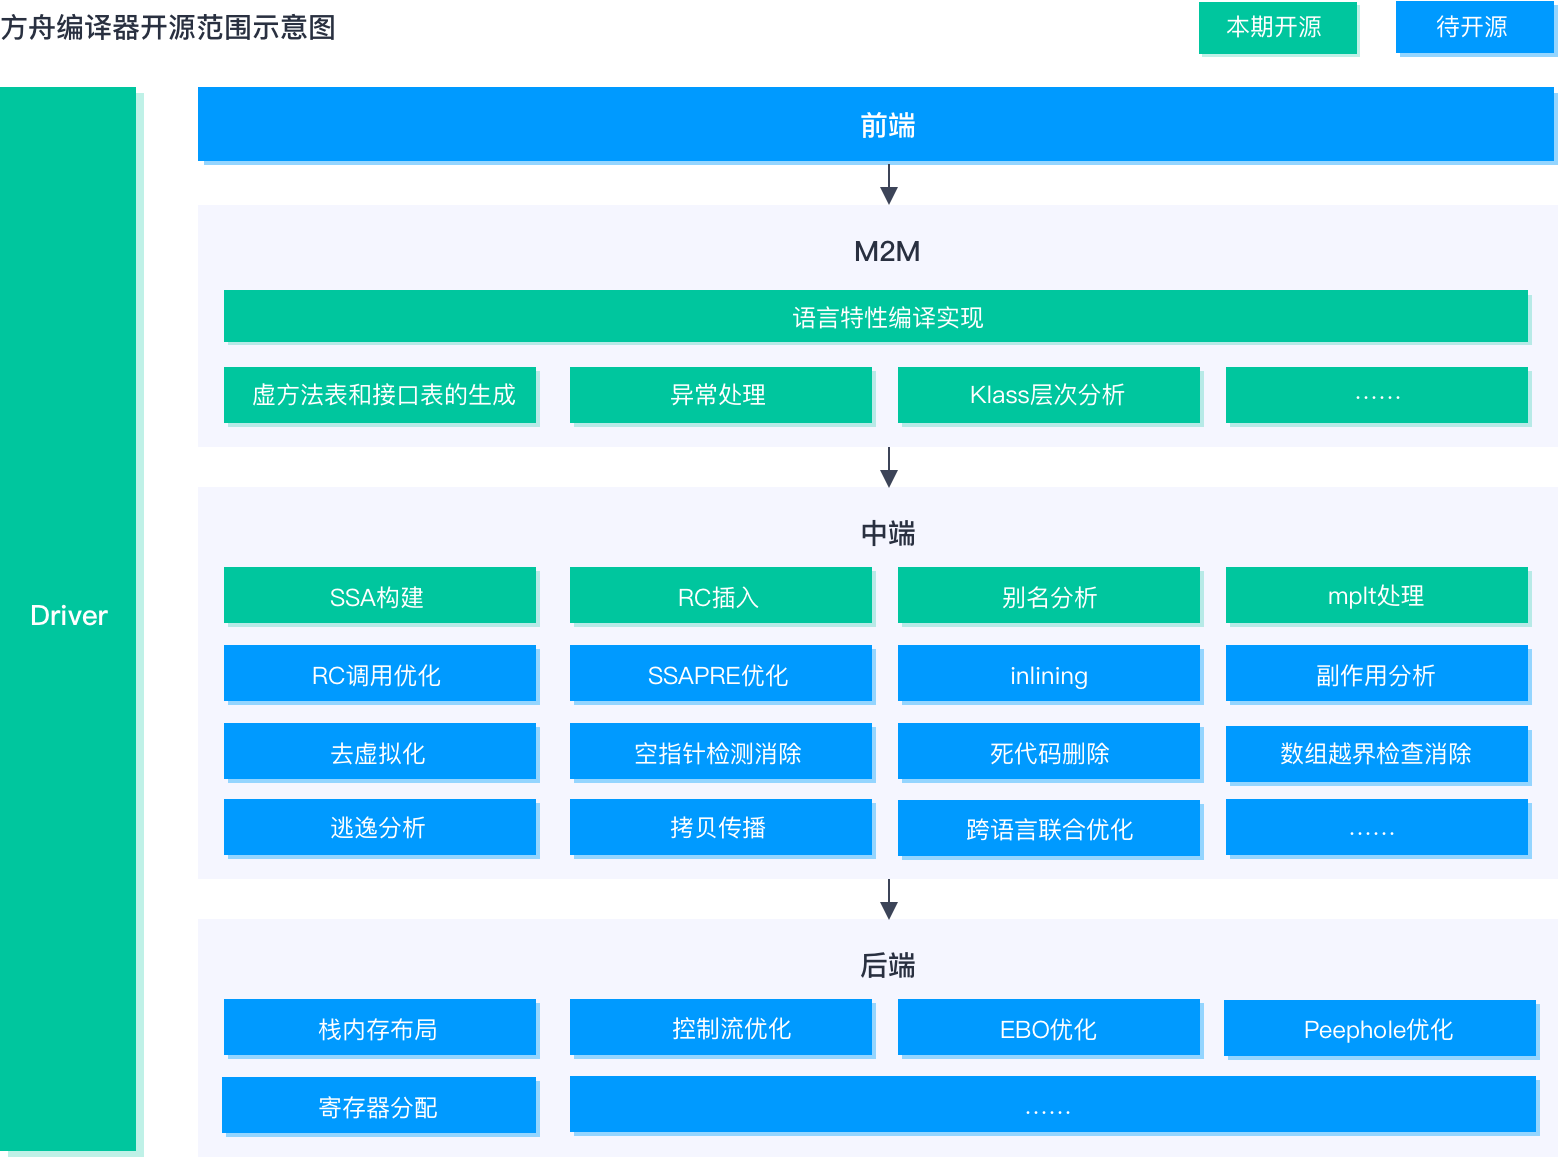 方舟编译器开源范围示意图.png